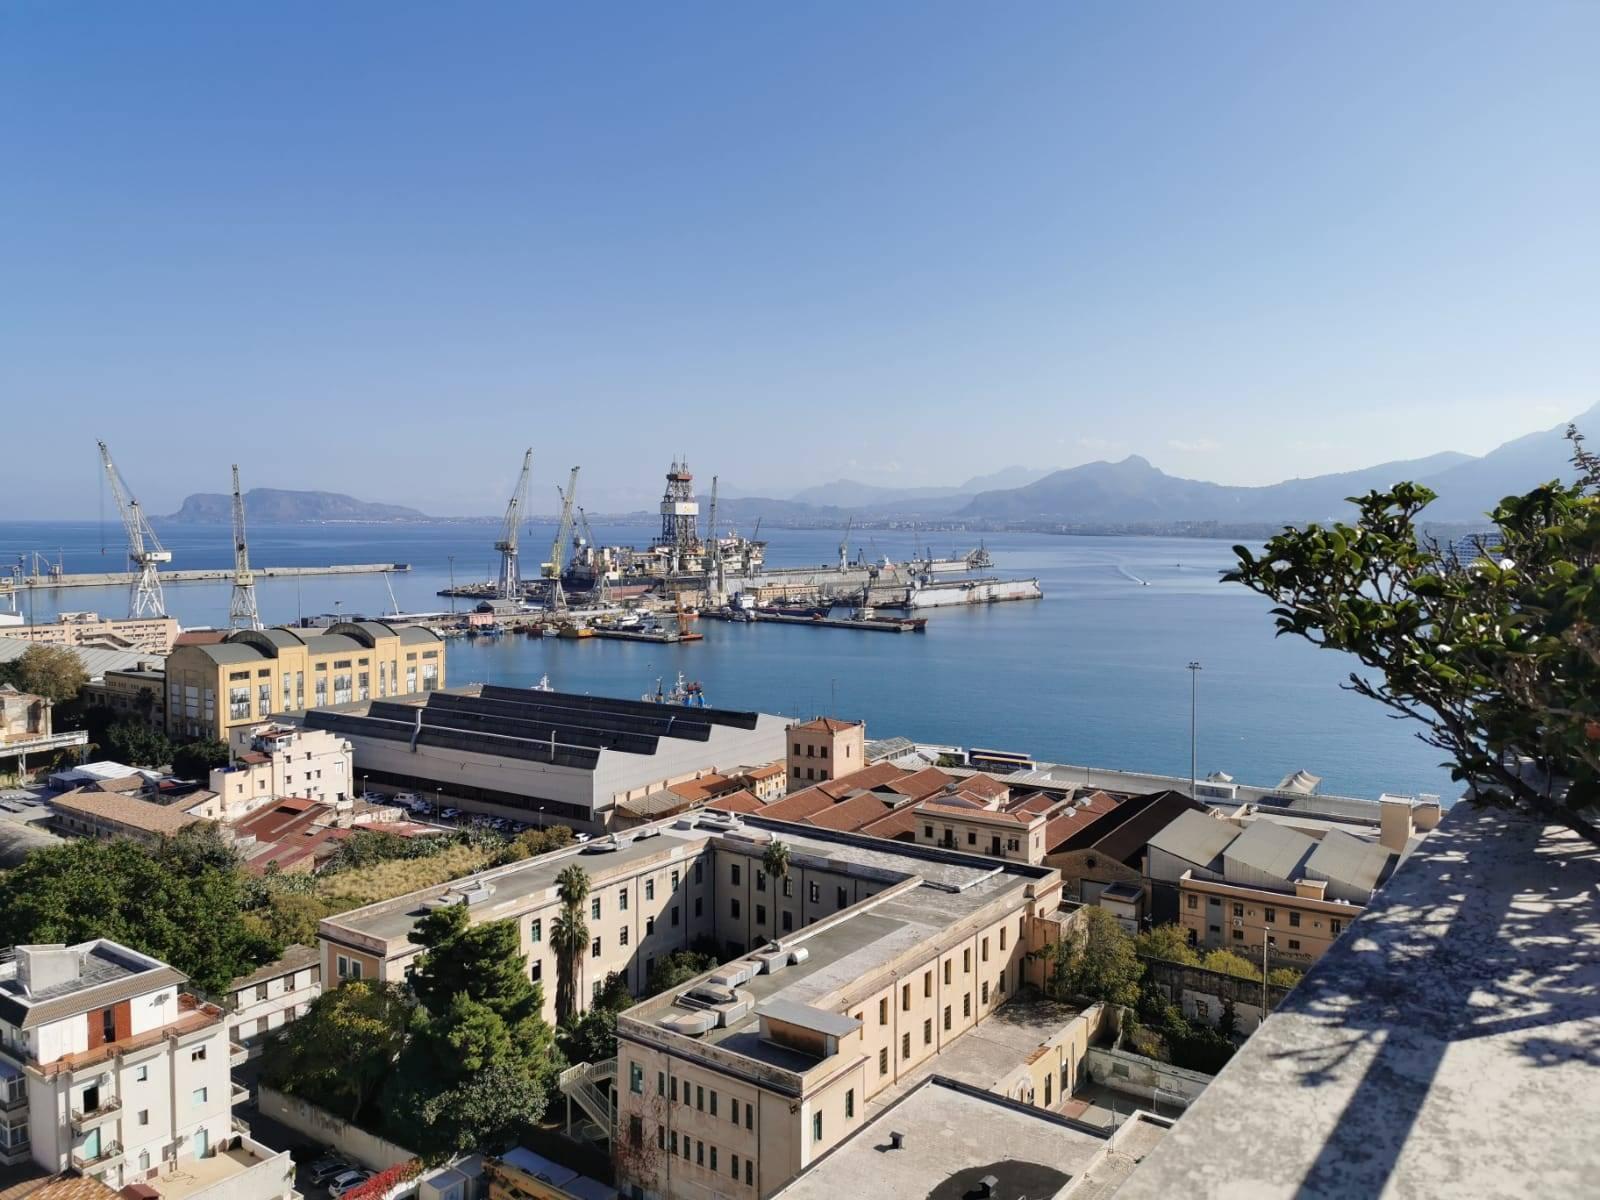 Attico / Mansarda in vendita a Palermo, 7 locali, zona ieri, prezzo € 359.000 | PortaleAgenzieImmobiliari.it